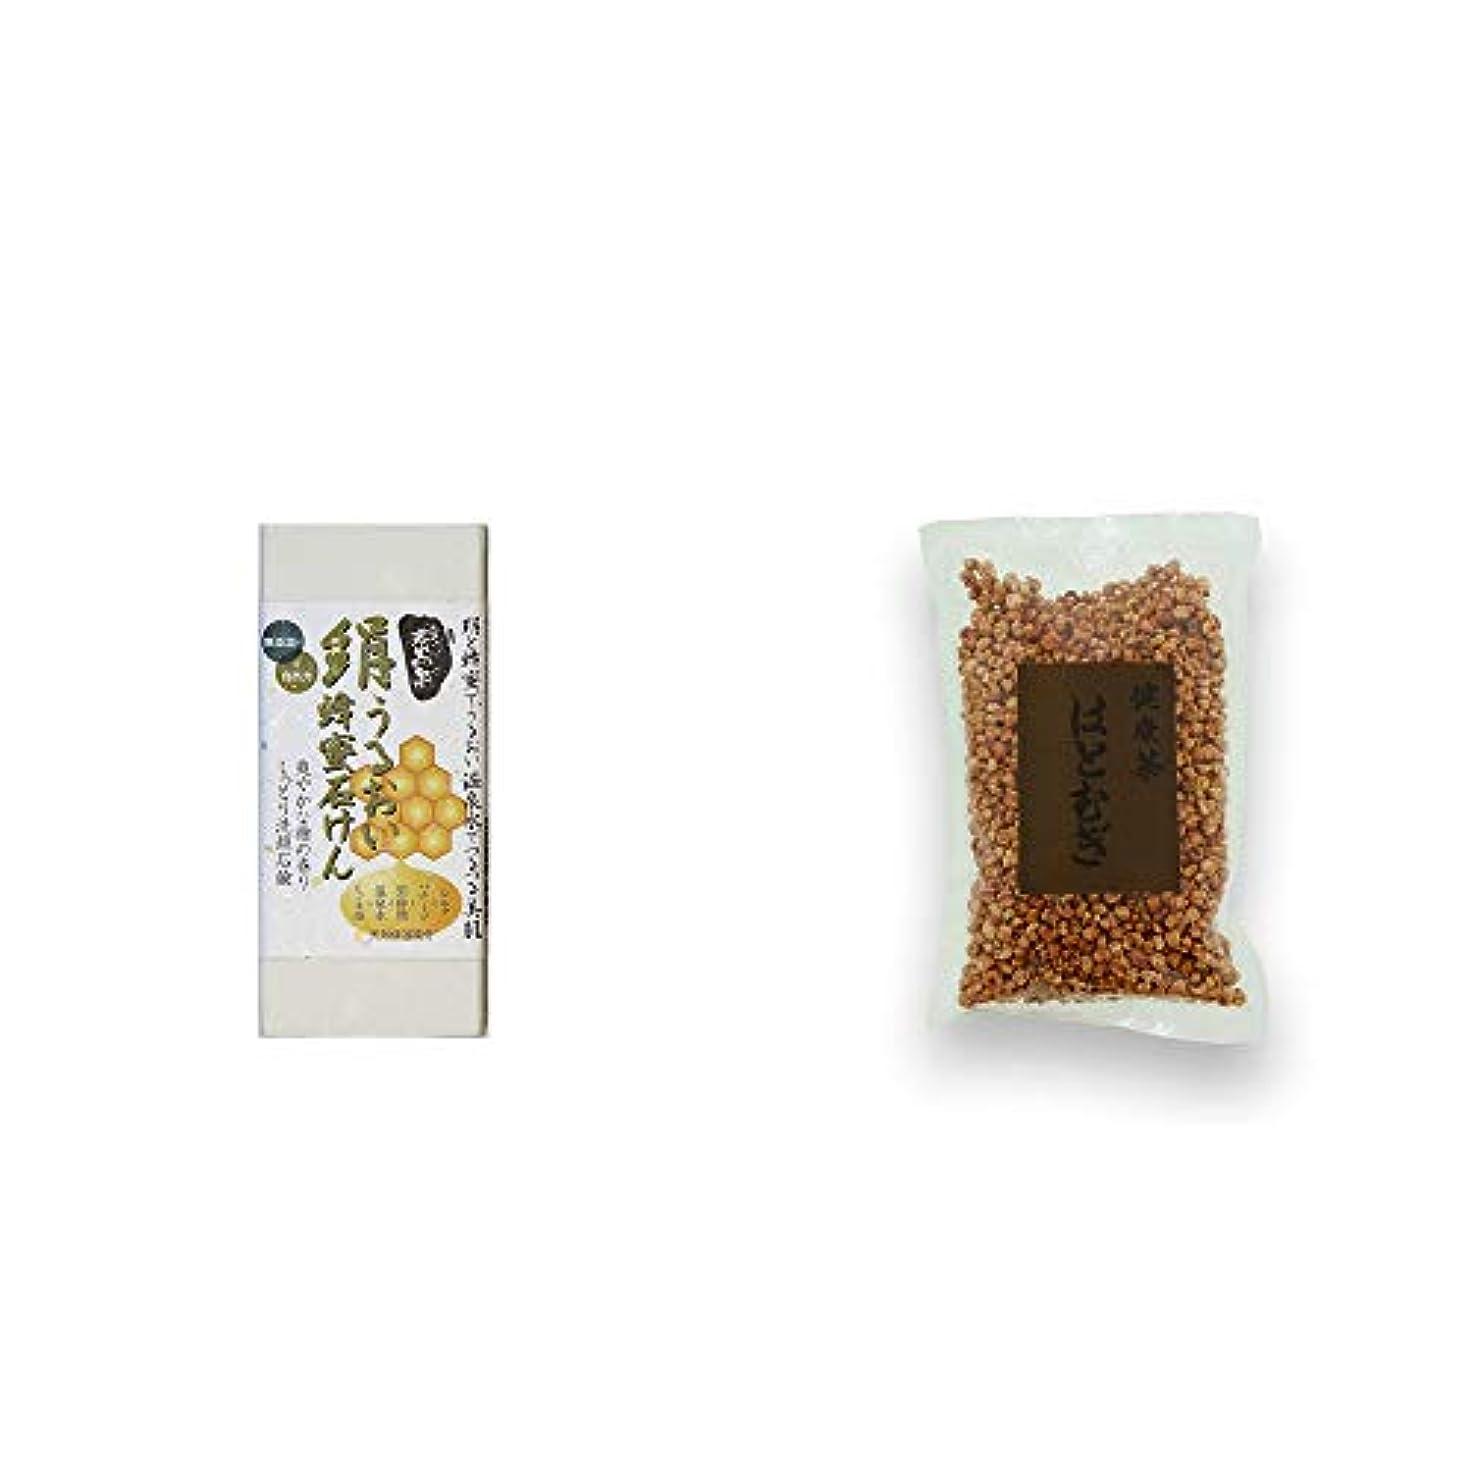 広告する自分アーティスト[2点セット] ひのき炭黒泉 絹うるおい蜂蜜石けん(75g×2)?健康茶 はとむぎ(200g)